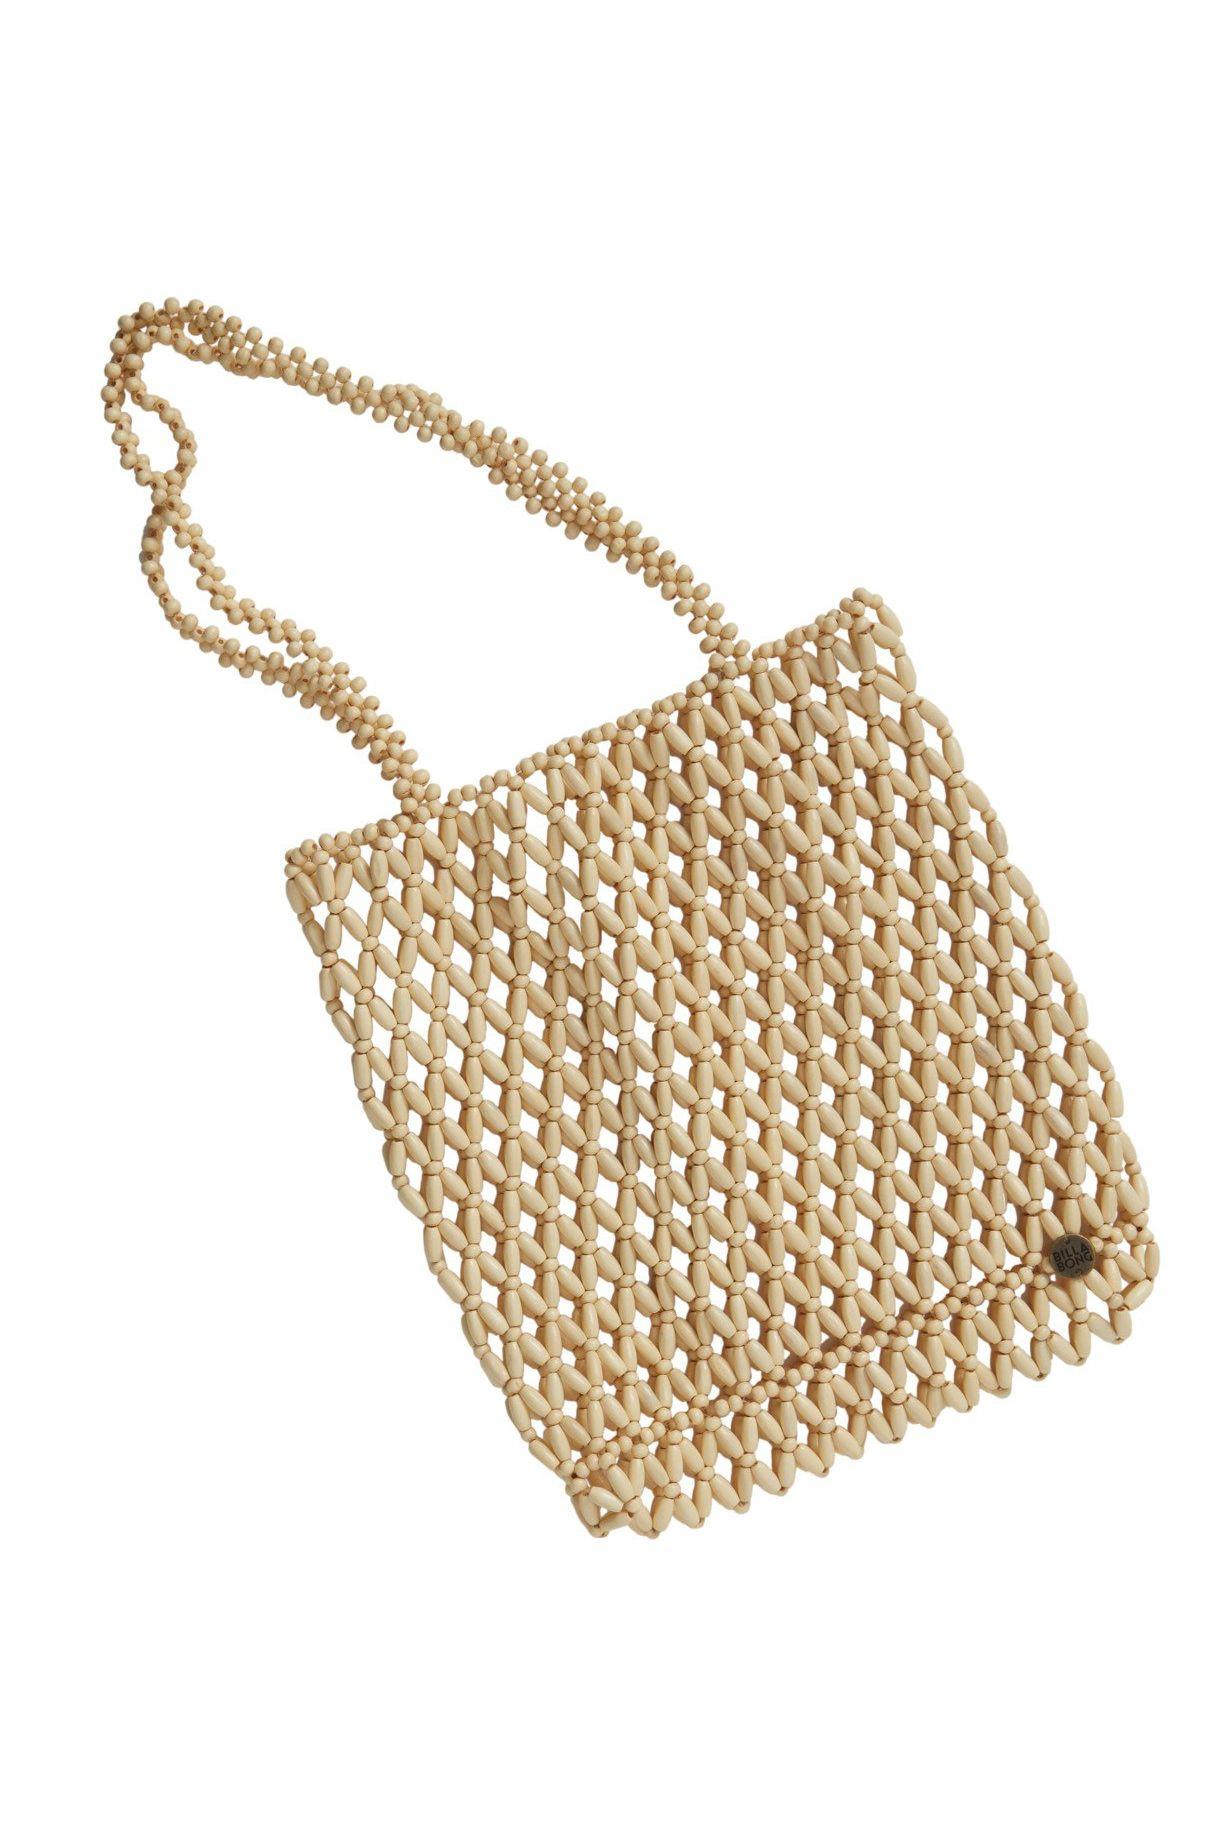 Billabong Bag  STRUNG TOGETHER SALTY BLONDE Natural